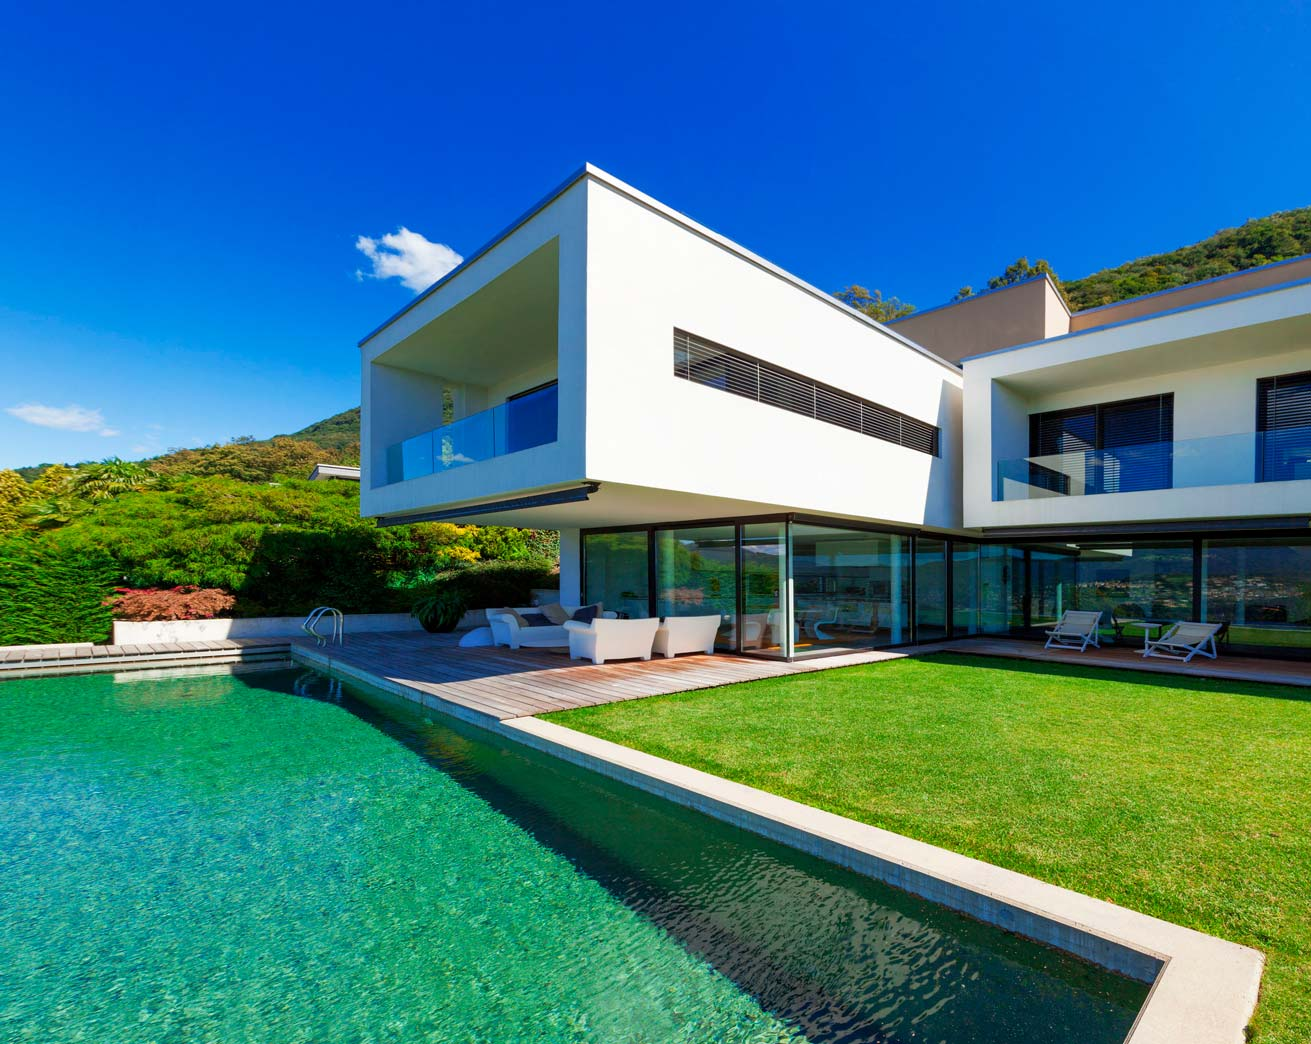 Inversion inmobiliaria